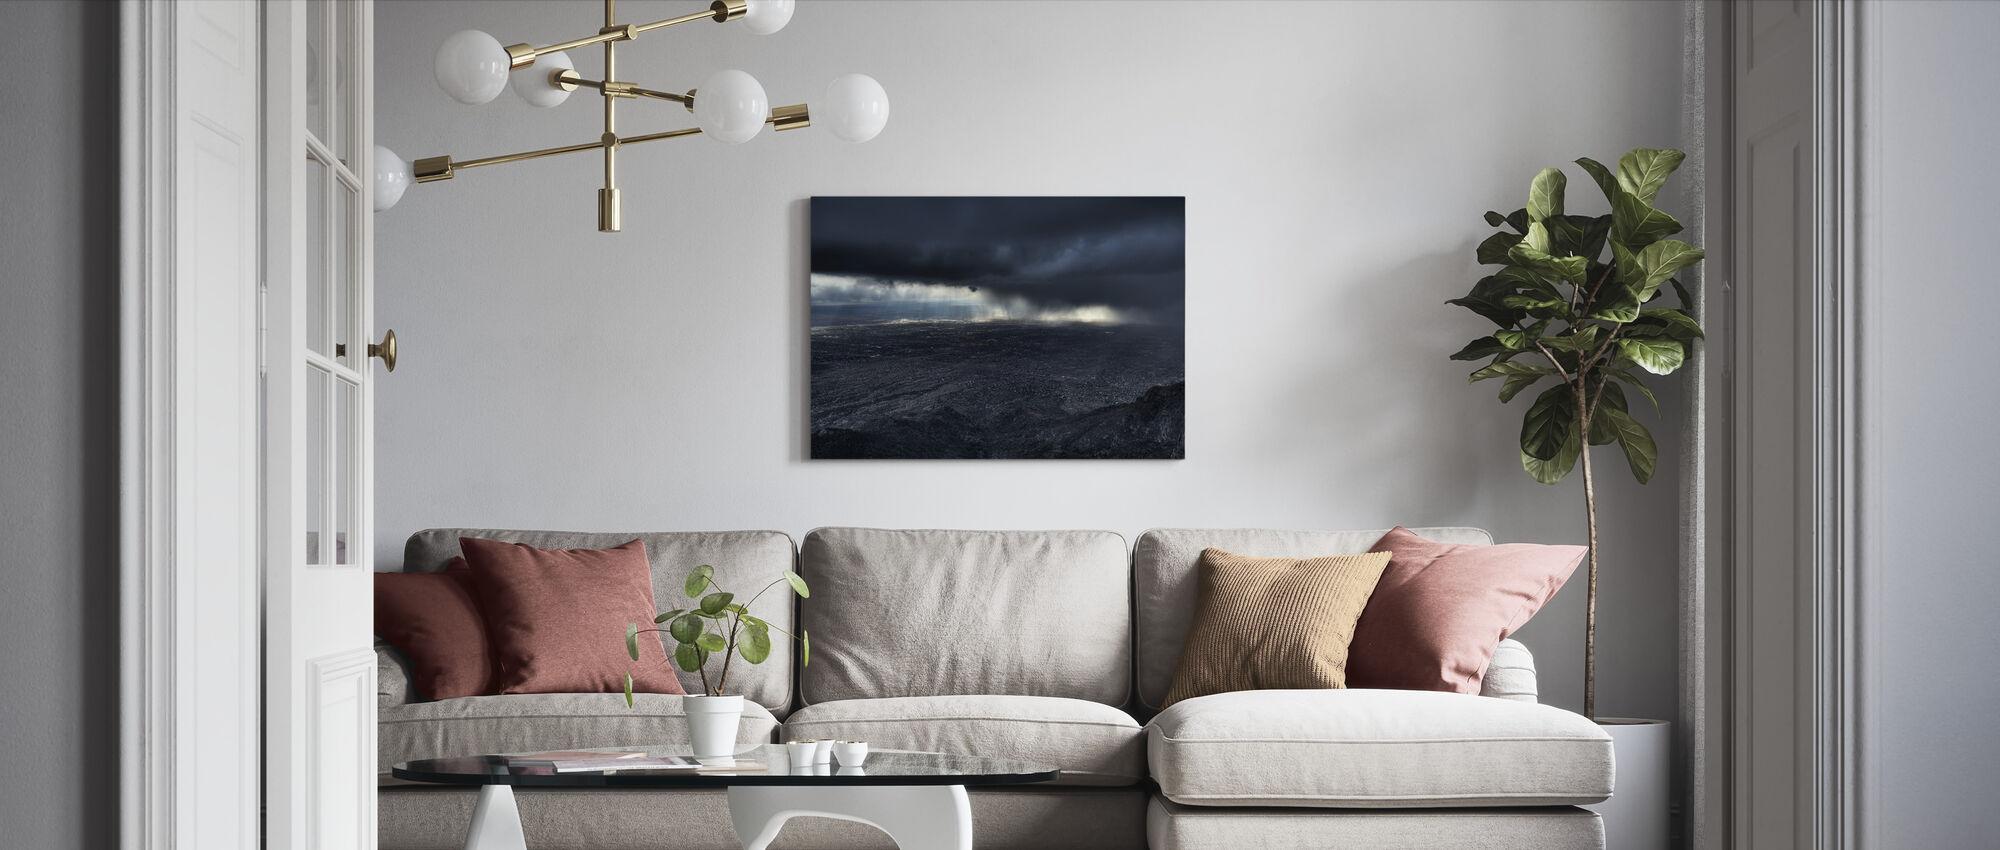 Storm over Alburquerque - Canvas print - Living Room